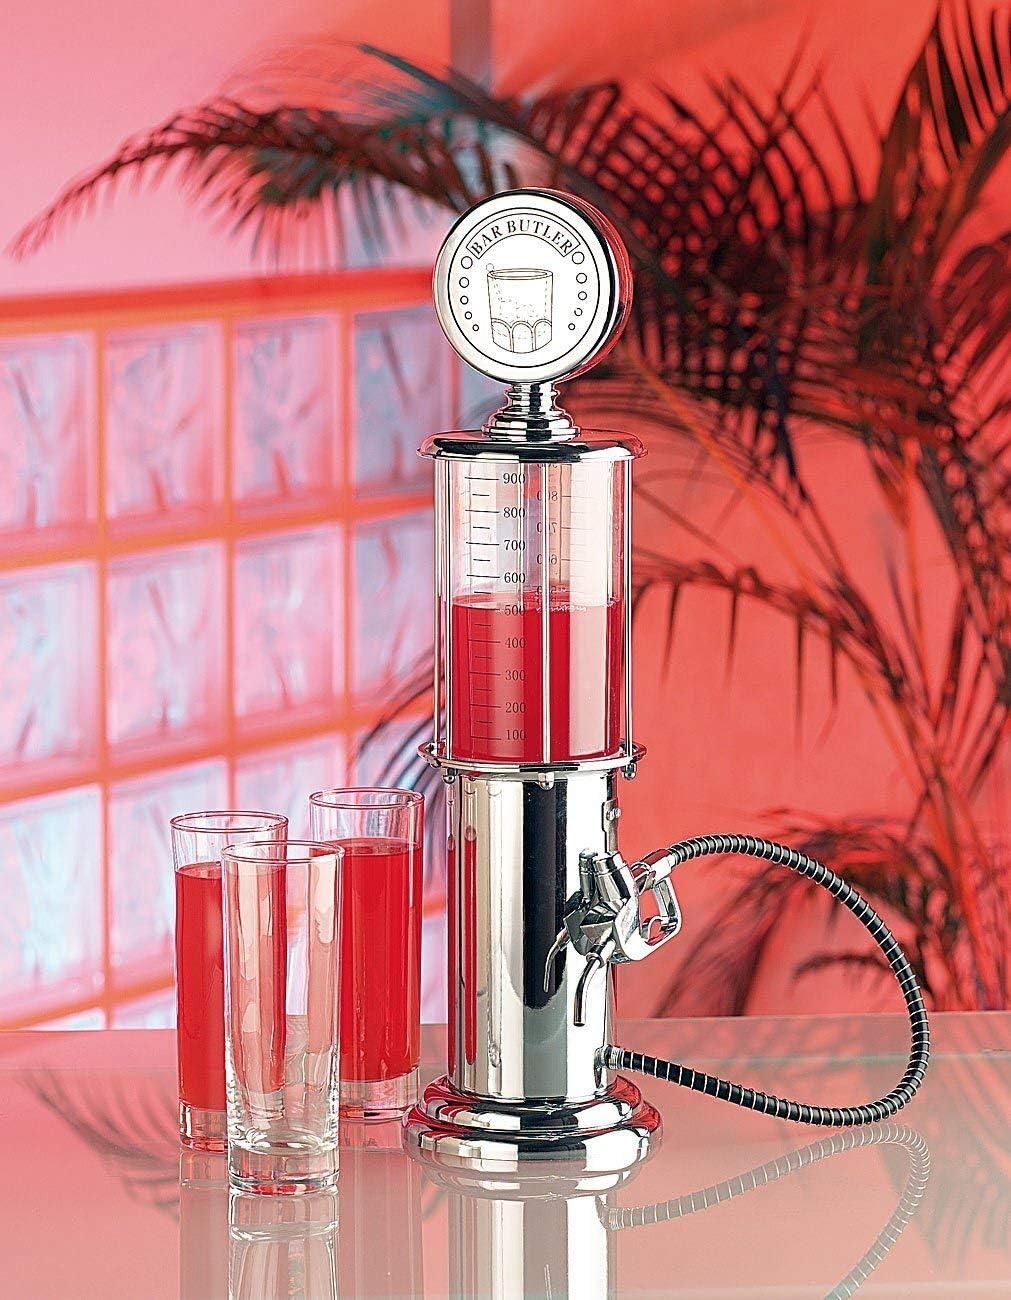 Regali di Natale MostroMania Dispenser con Tubo e Dosatore alla Spina Accessorio Vintage per Feste Distributore per Bibite a Pompa